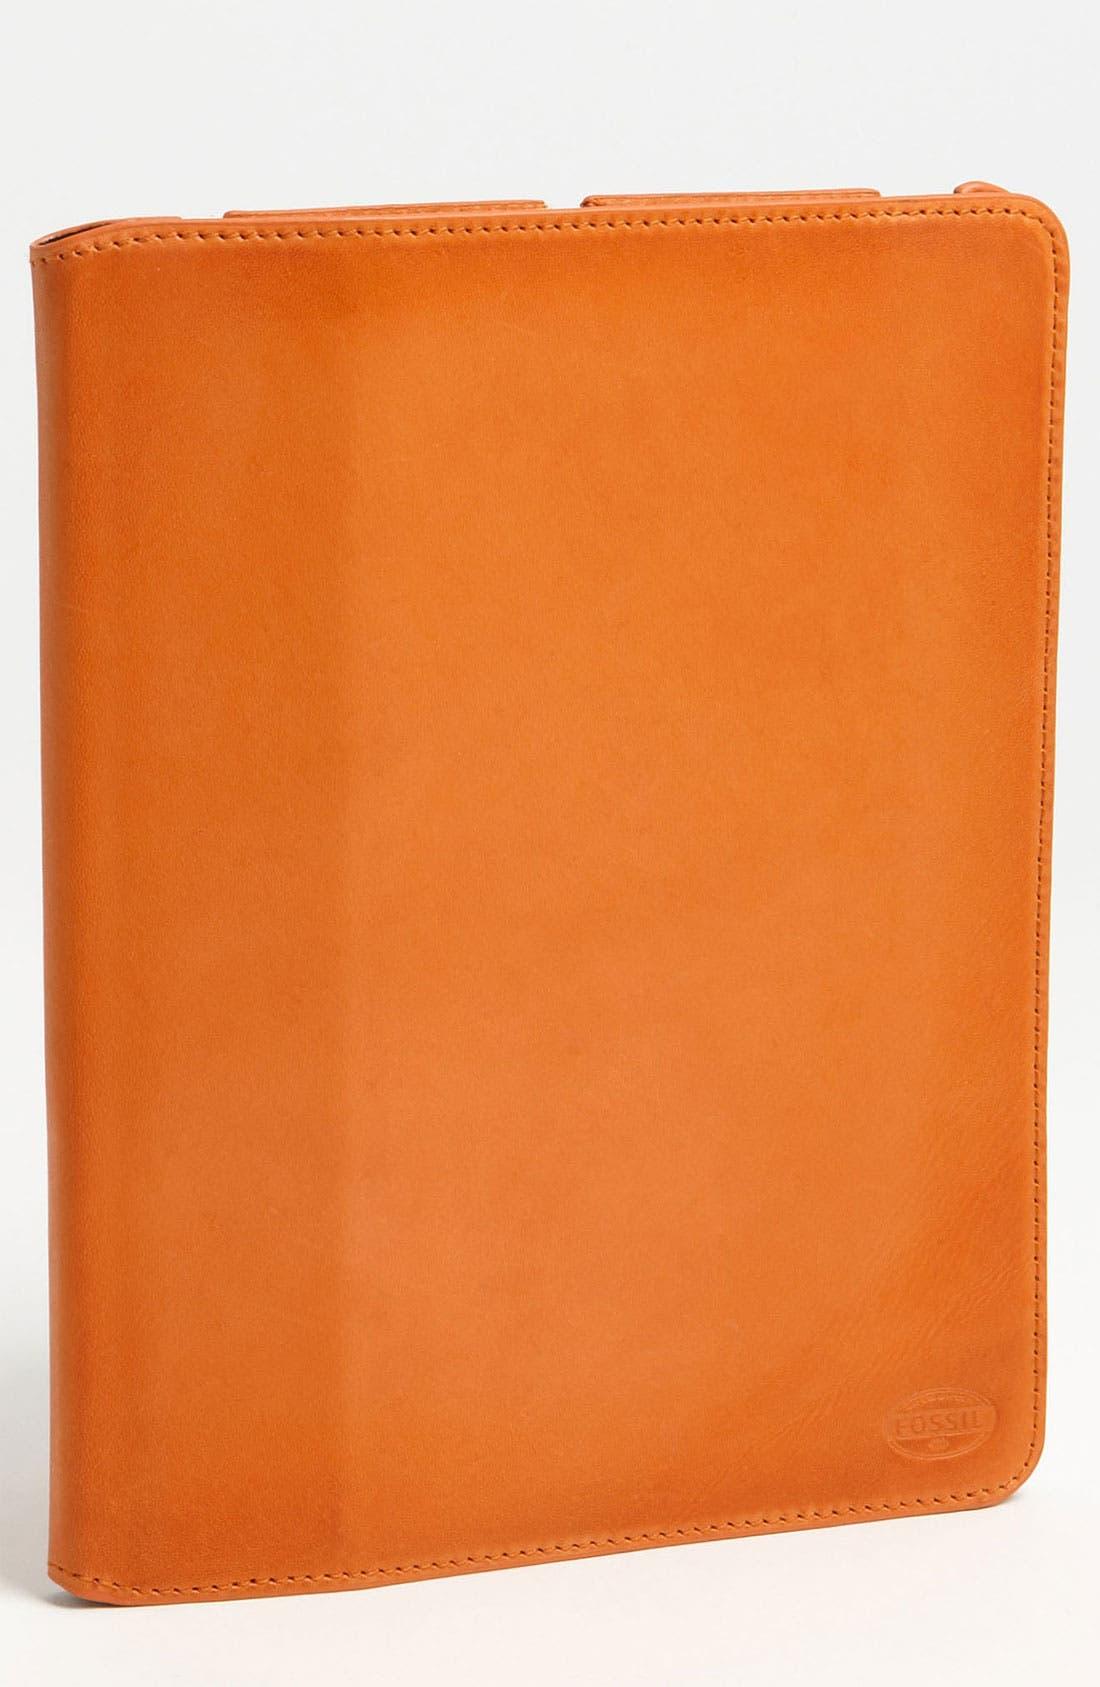 Main Image - Fossil 'Estate' iPad Case